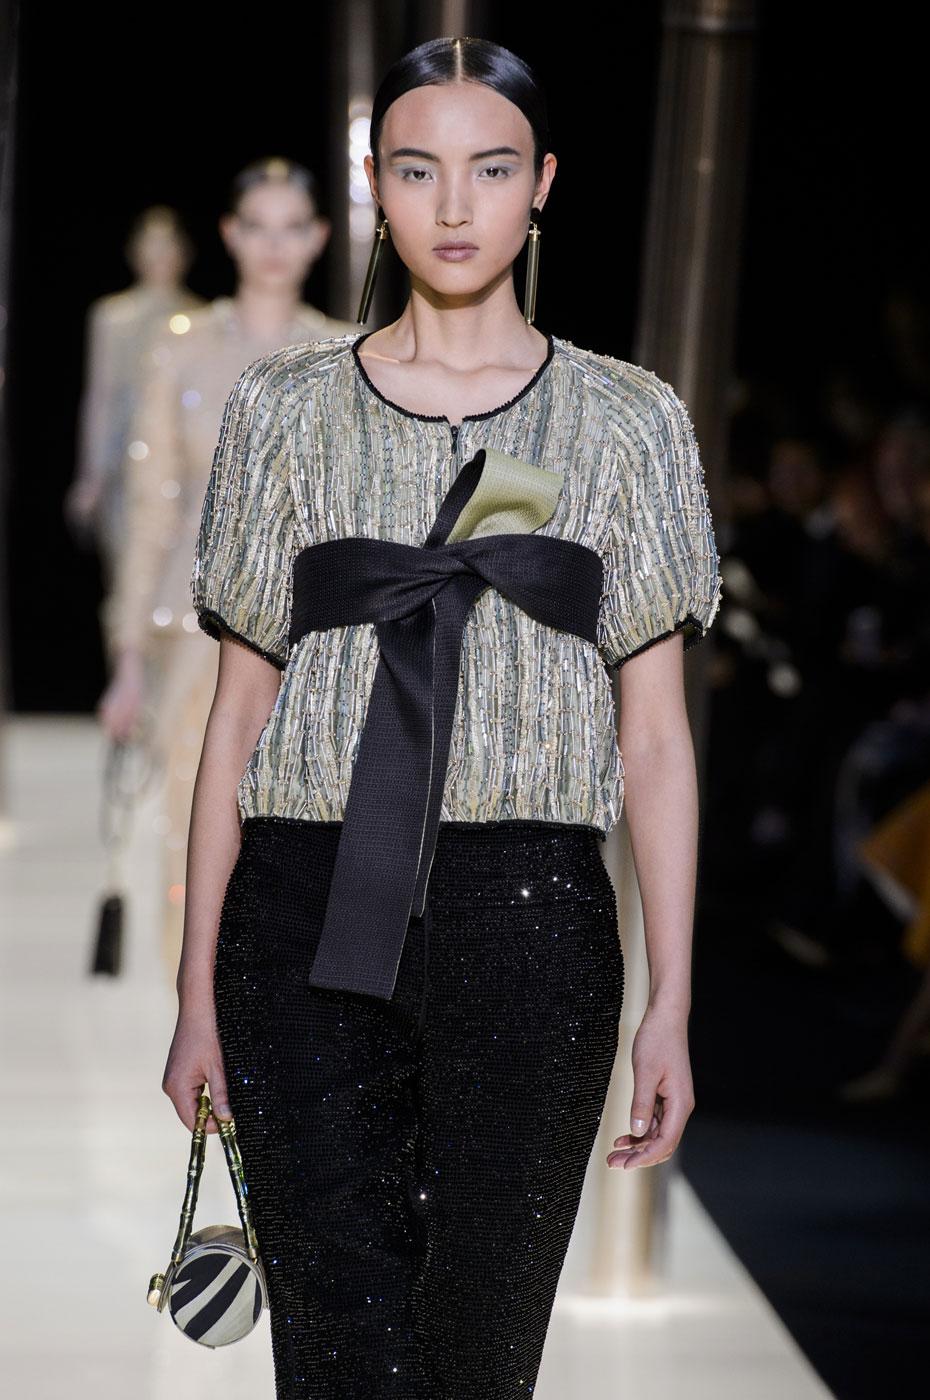 Giorgio-armani-Prive-fashion-runway-show-haute-couture-paris-spring-2015-the-impression-082